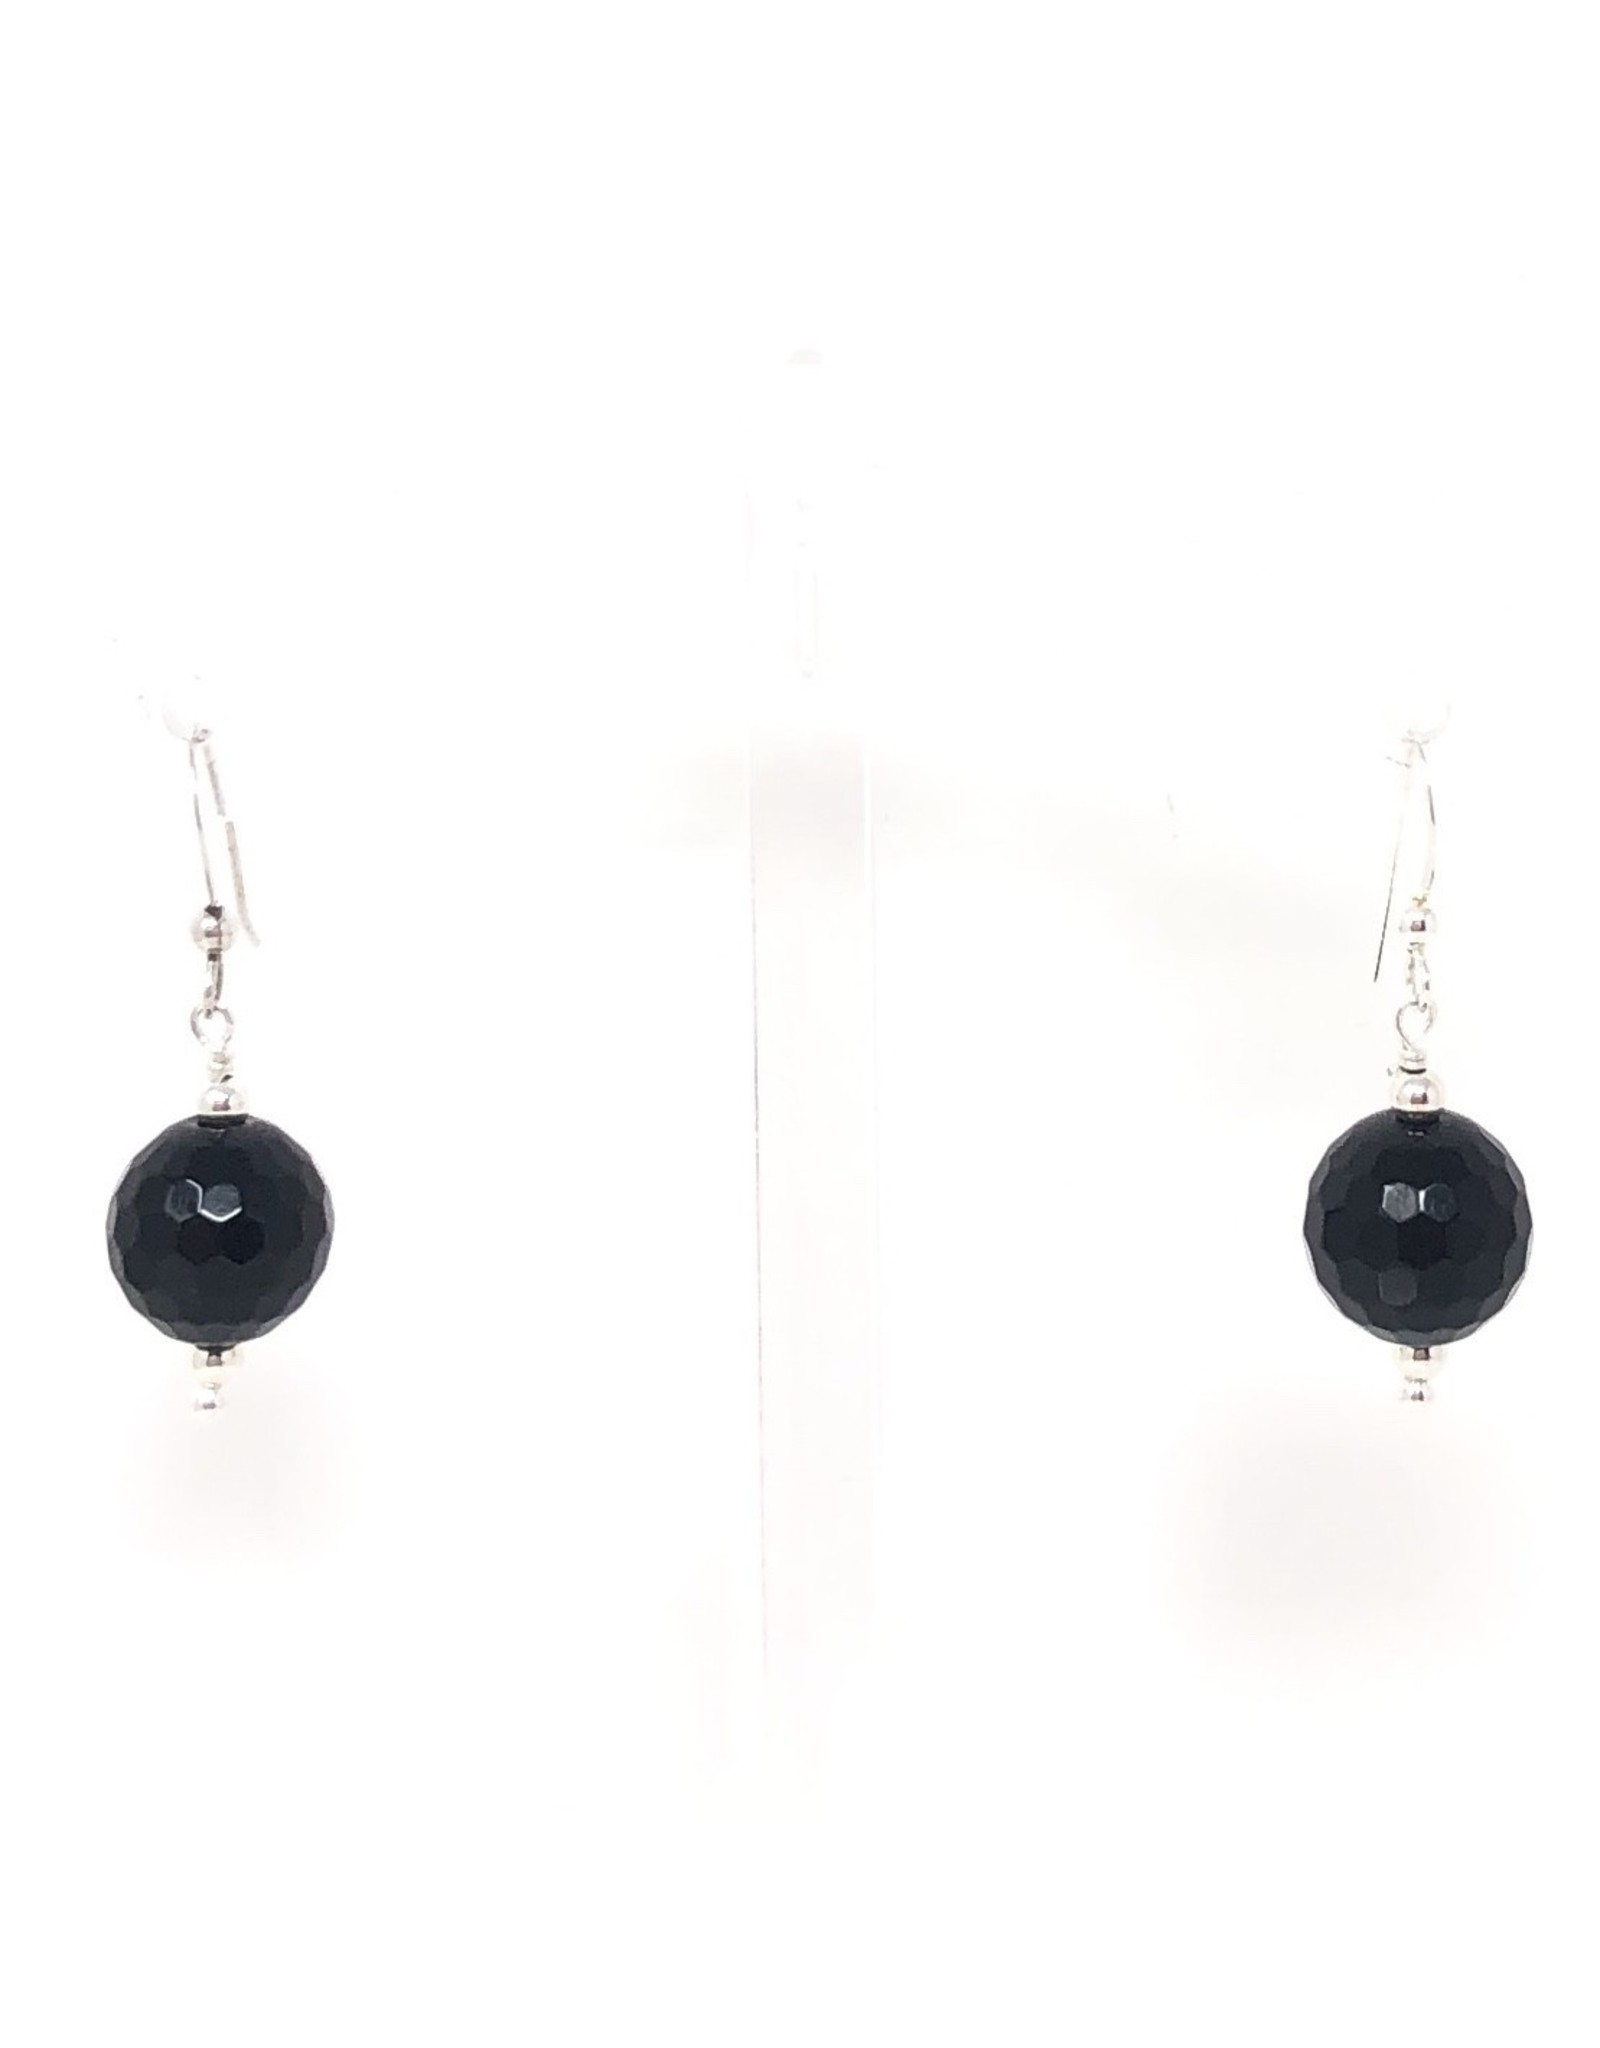 14mm Silver Onyx Earrings